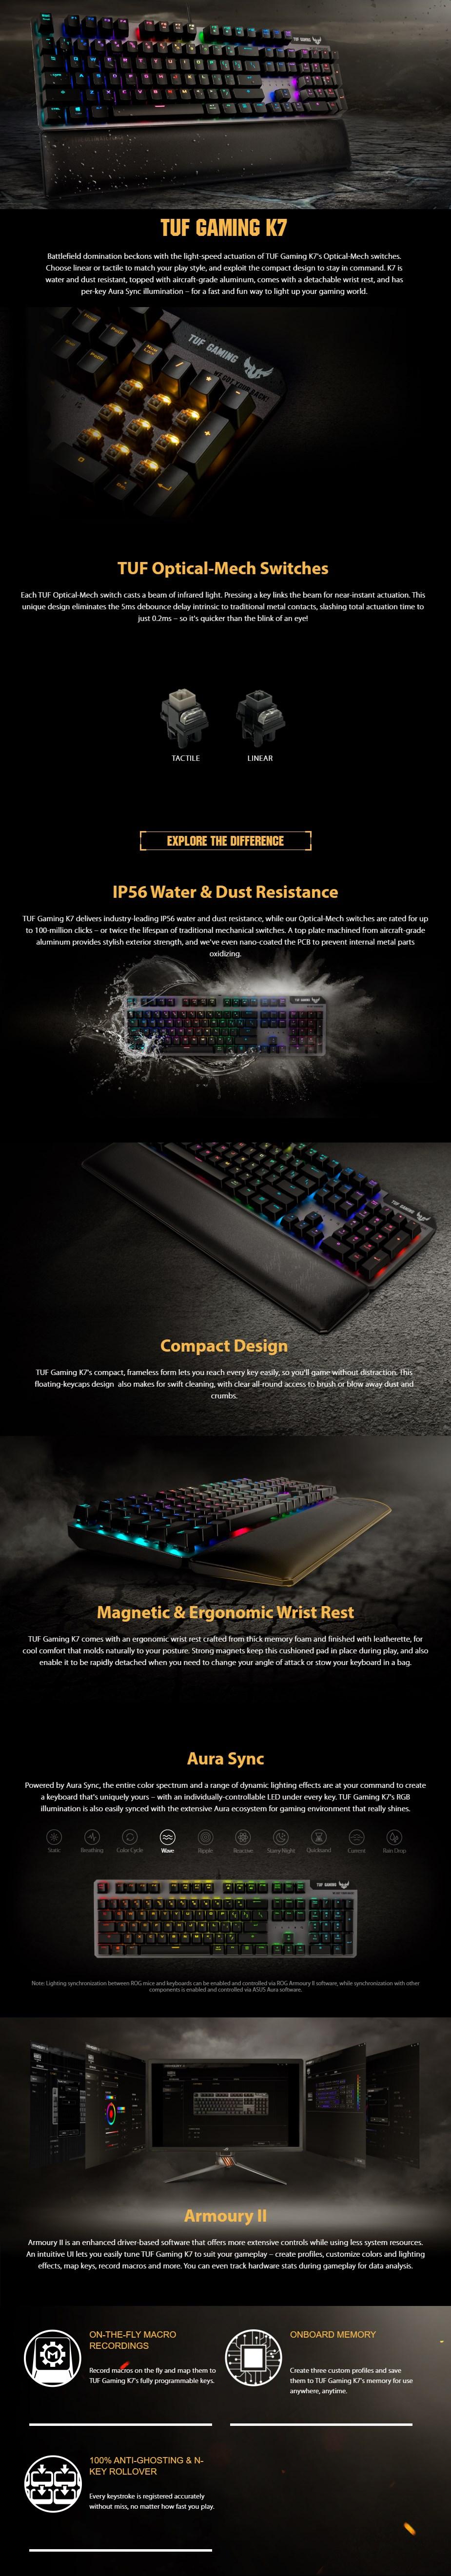 asus-tuf-gaming-k7-opticalmechanaical-gaming-keyboard-linear-switches-ac28575-6.jpg